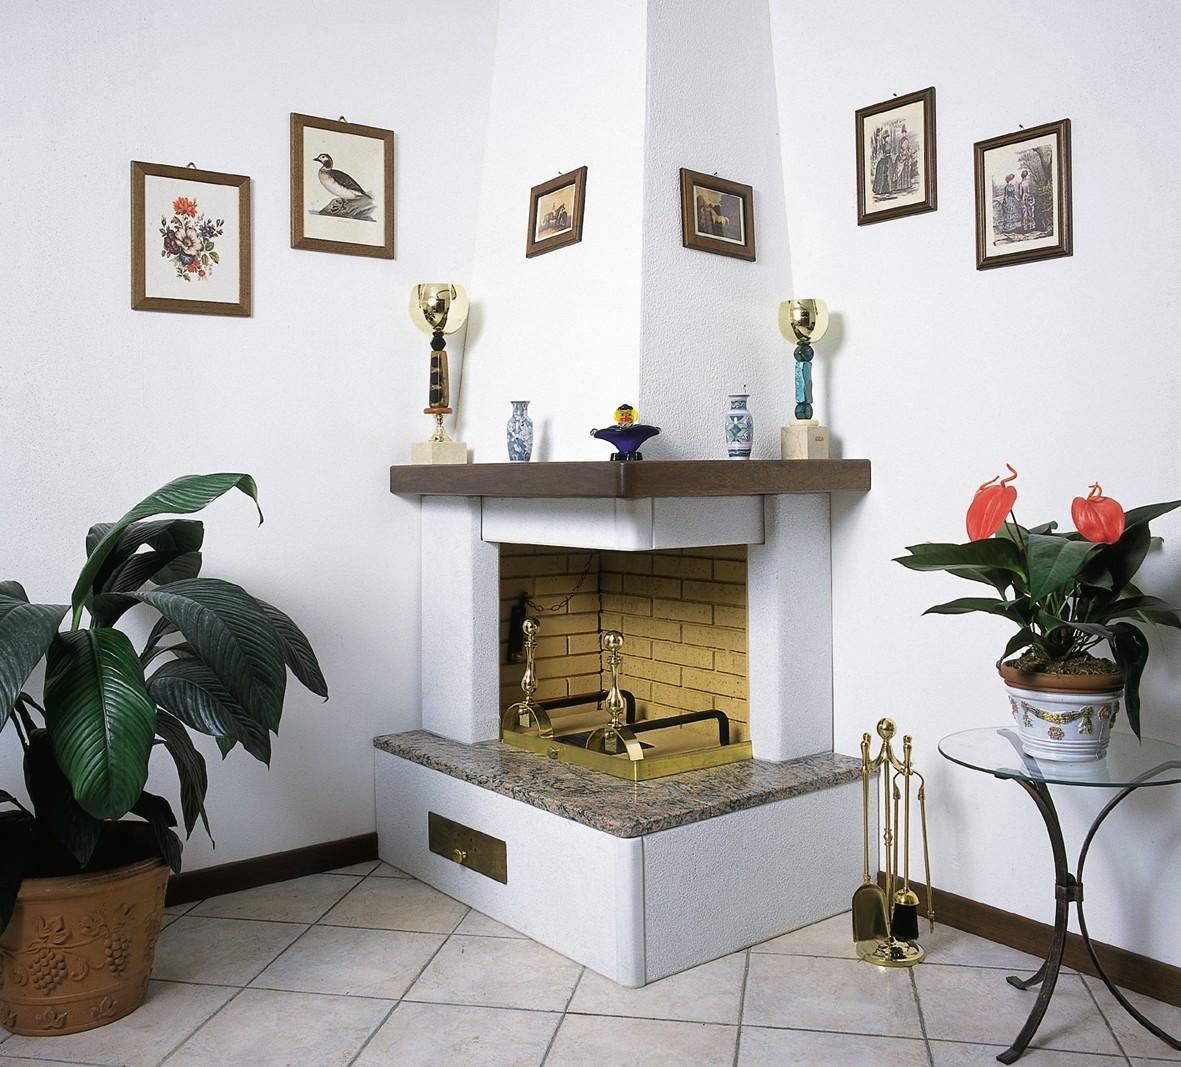 Caminetto design caminetto economico 608 toscana marmi for Design economico